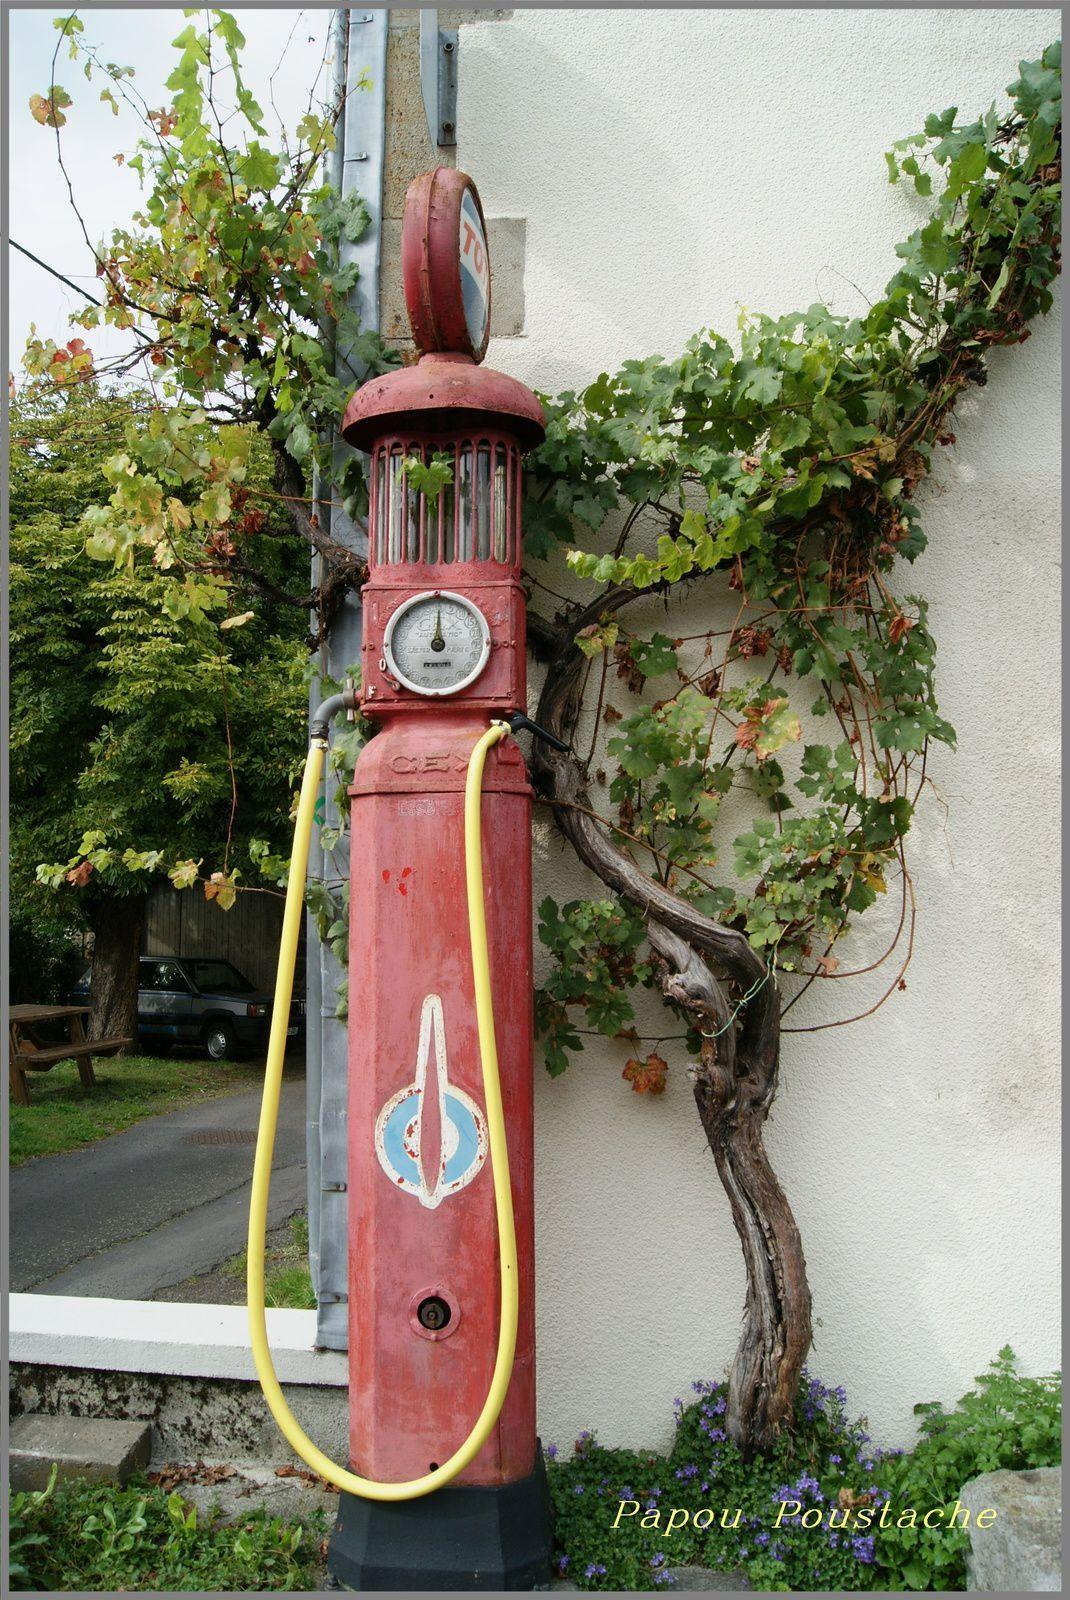 Le temps s'est arrété dans ce petit village du Cantal